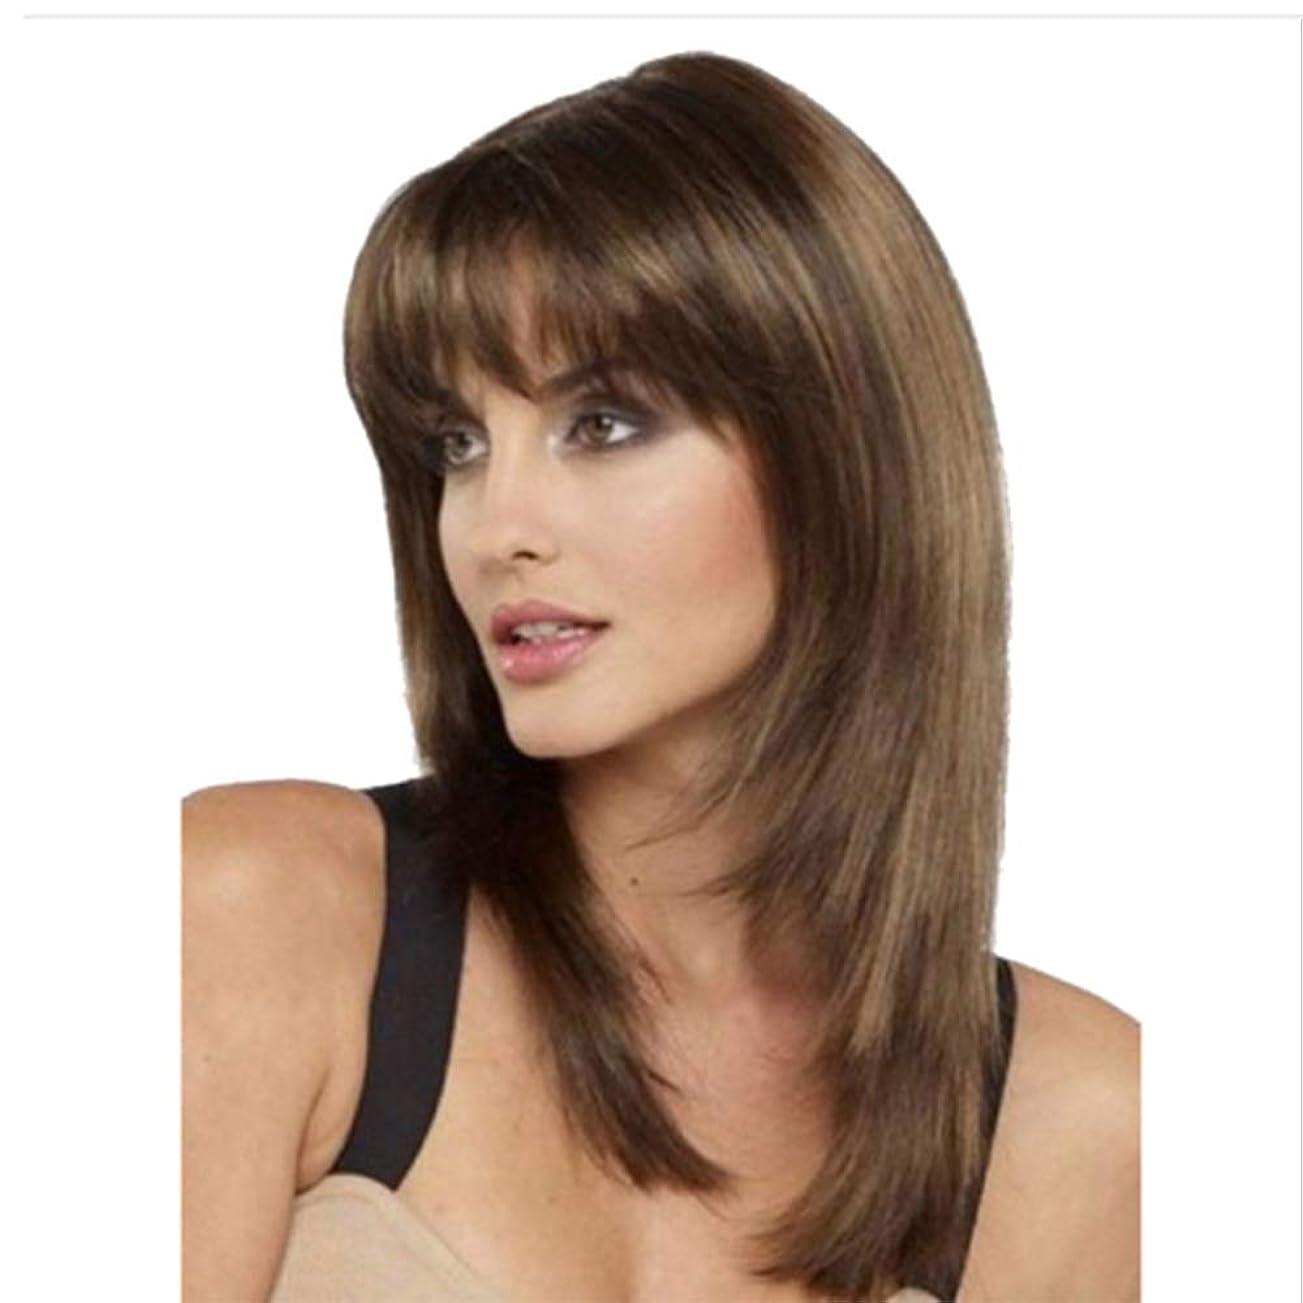 ましいシガレット芸術ショートストレートウィッグ人工毛ウィッグロングストレートレイヤード耐熱人工毛ウィッグ、ライトブラウン